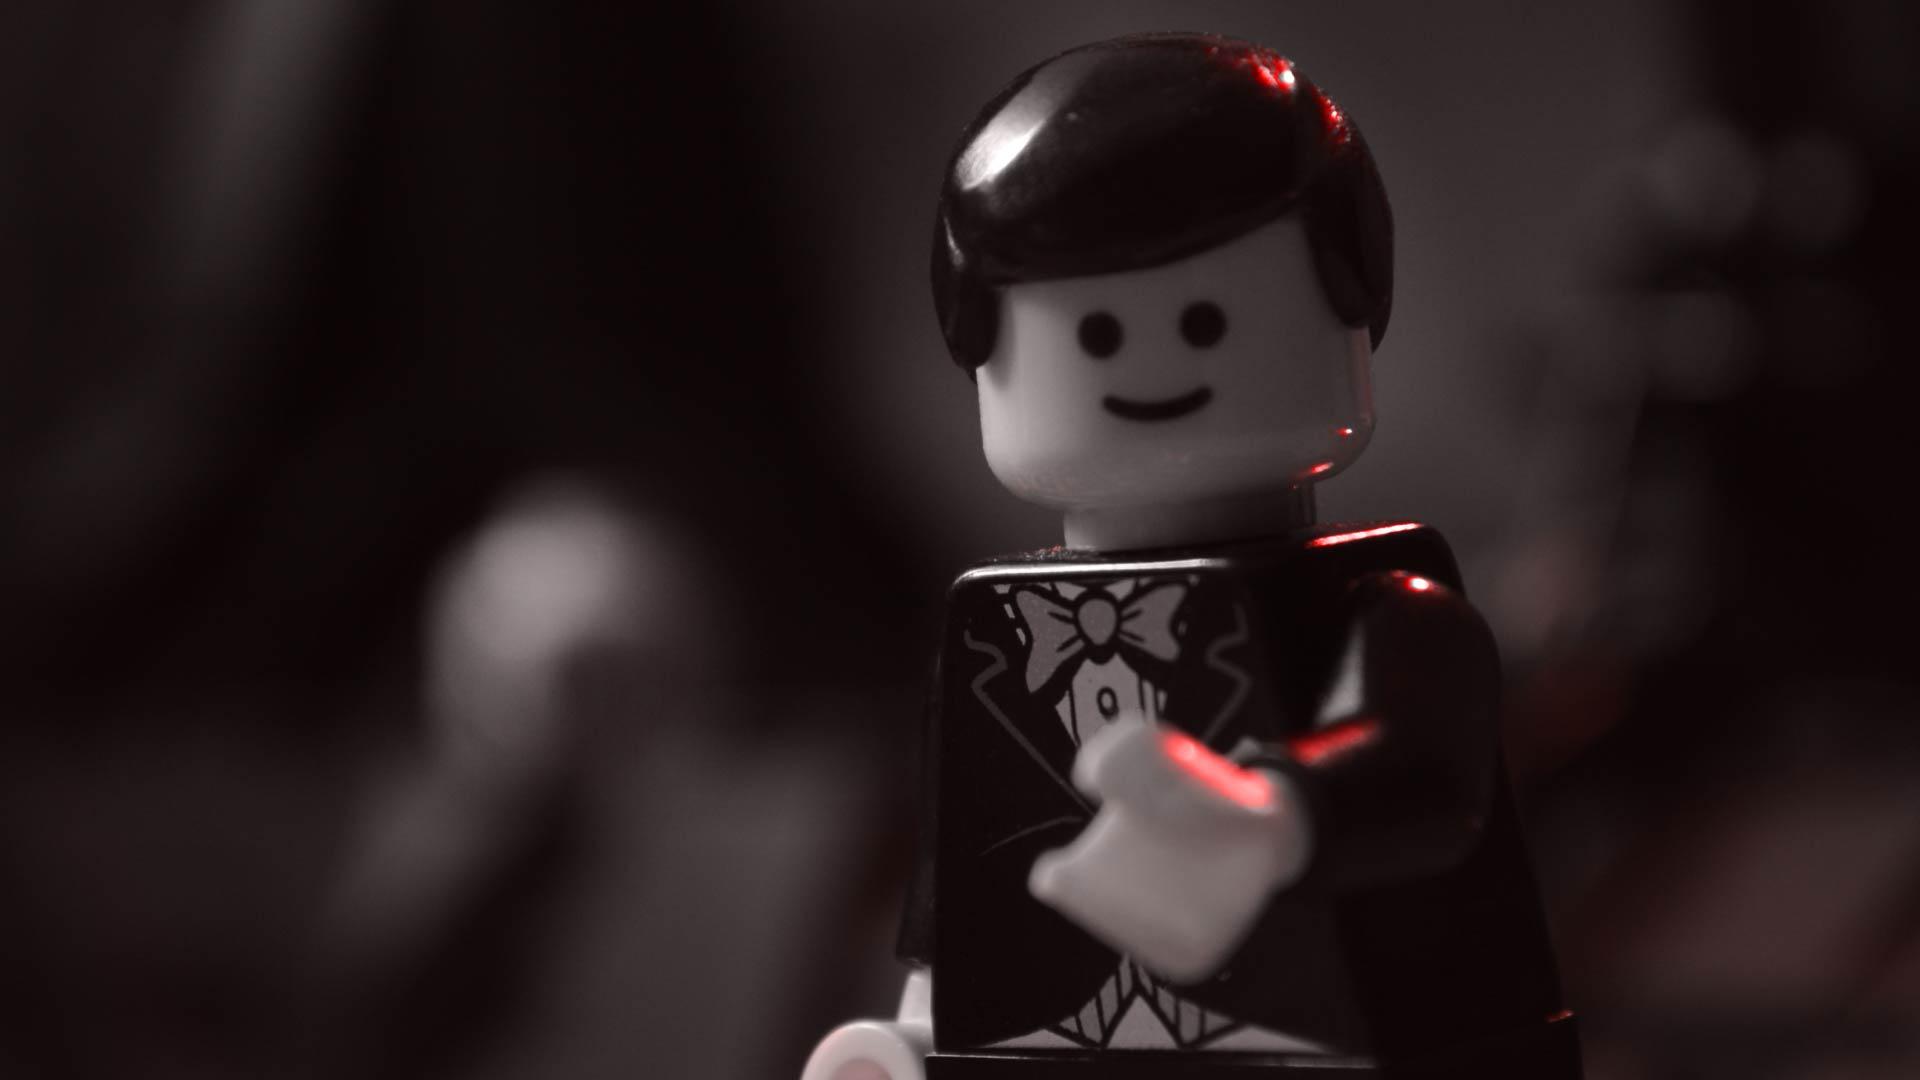 https://bricksafe.com/files/LegoSkeleton2000/behind-the-scenes-pictures/frame.jpg